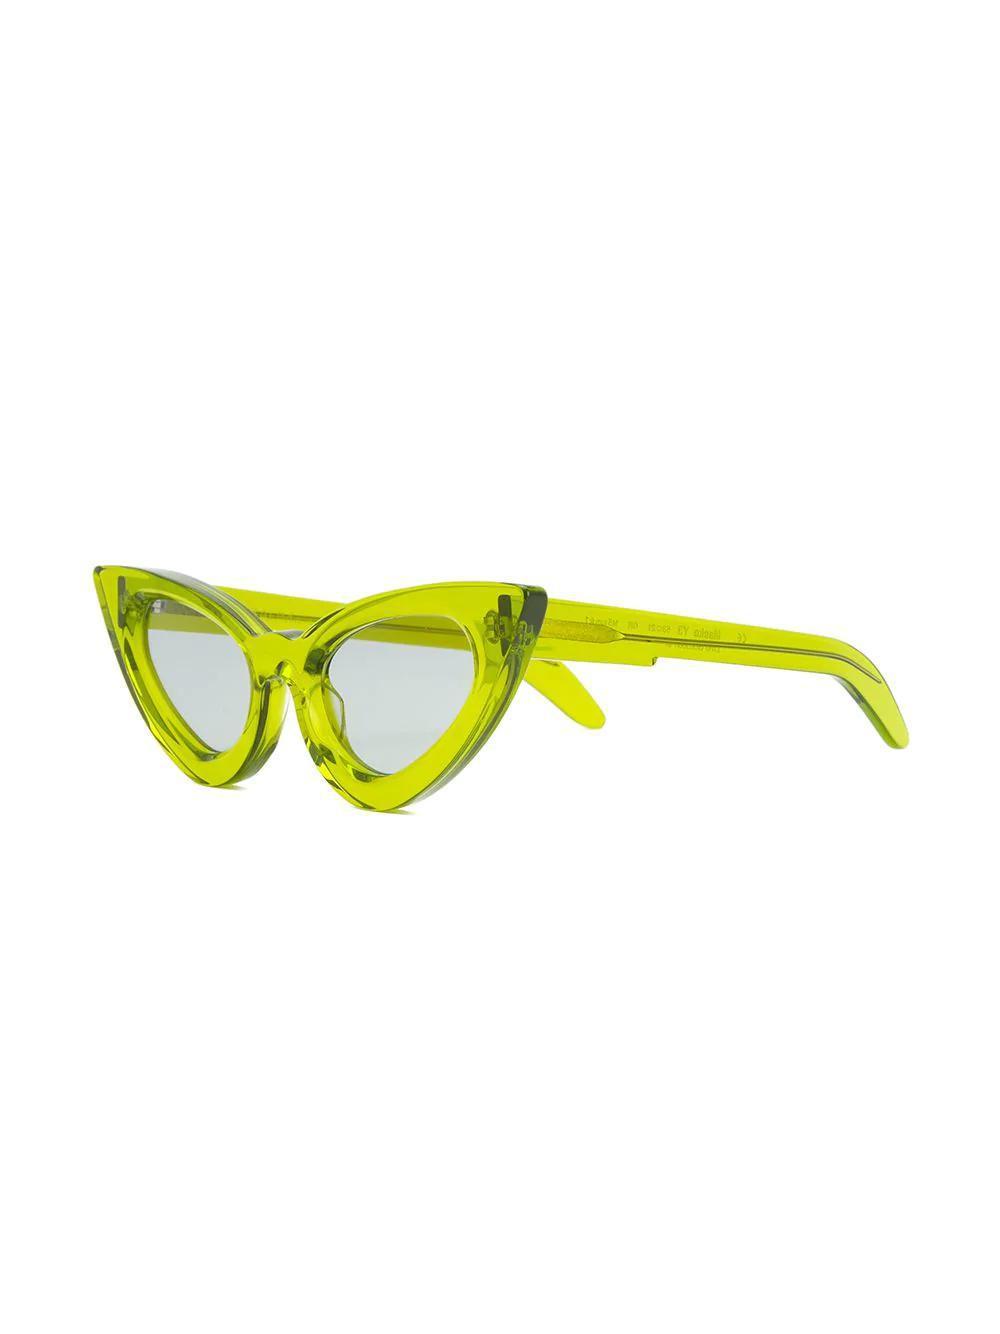 KUBORAUMY3太阳眼镜